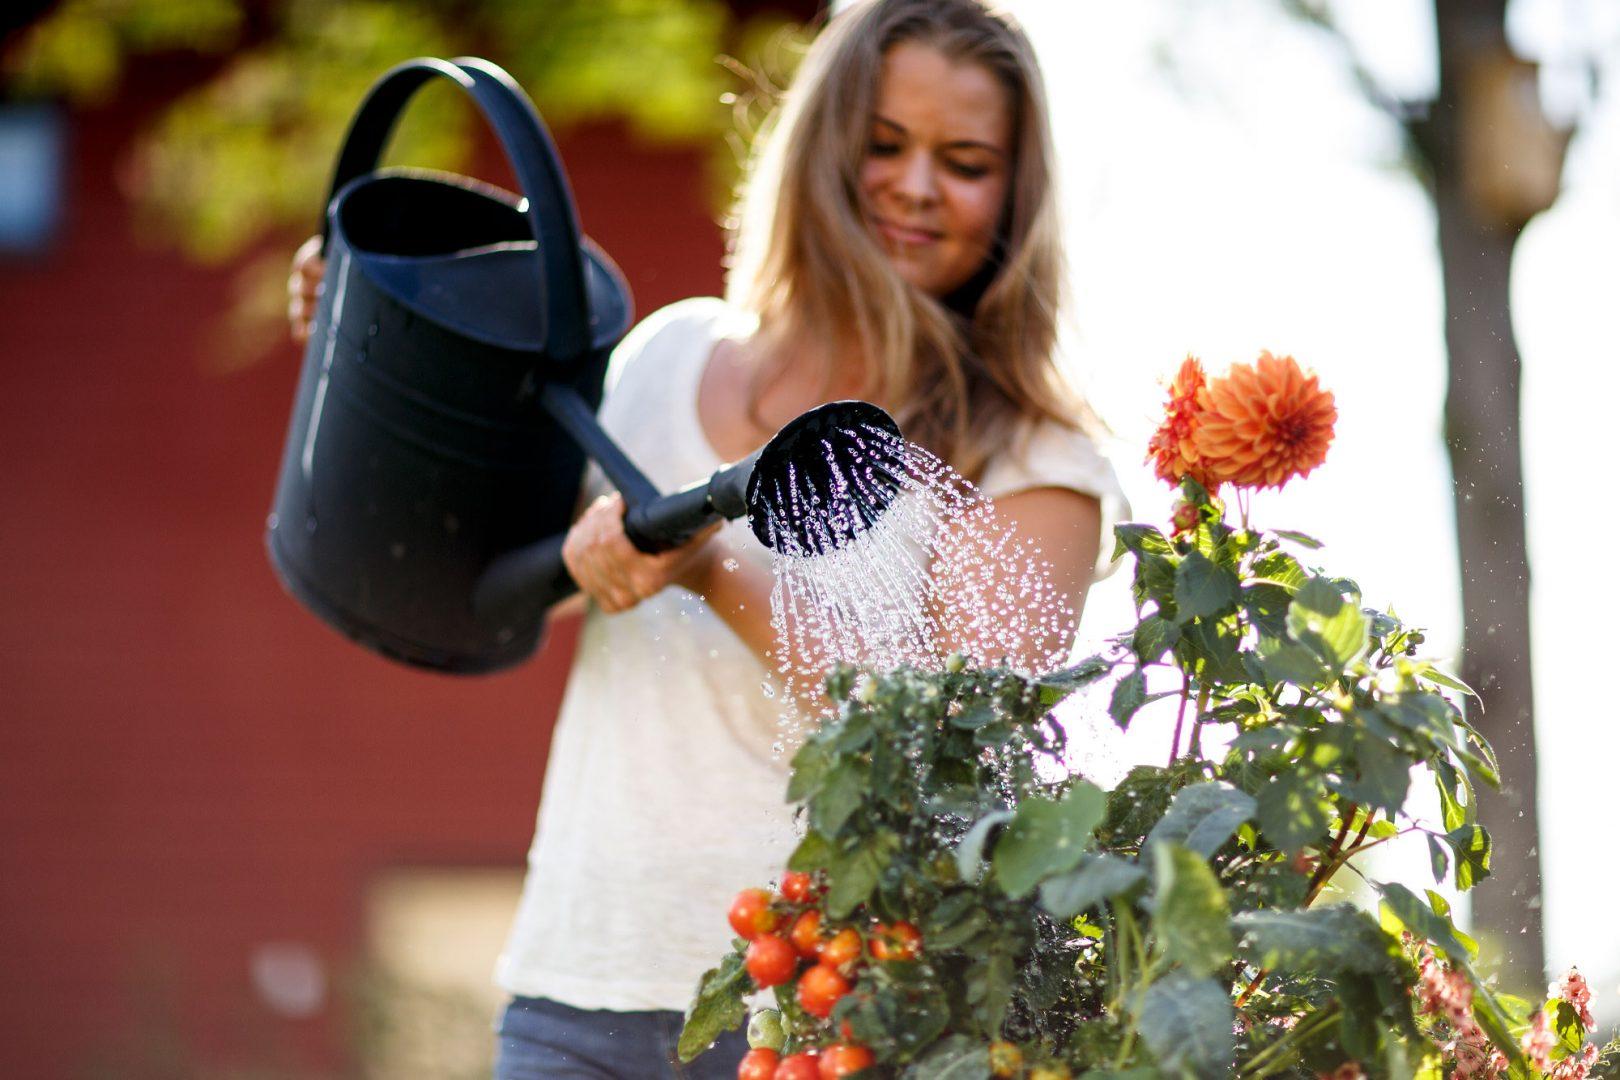 Kesäkukkien kastelu Kekkilä kesäkukkamulta helppohoitoinen puutarha